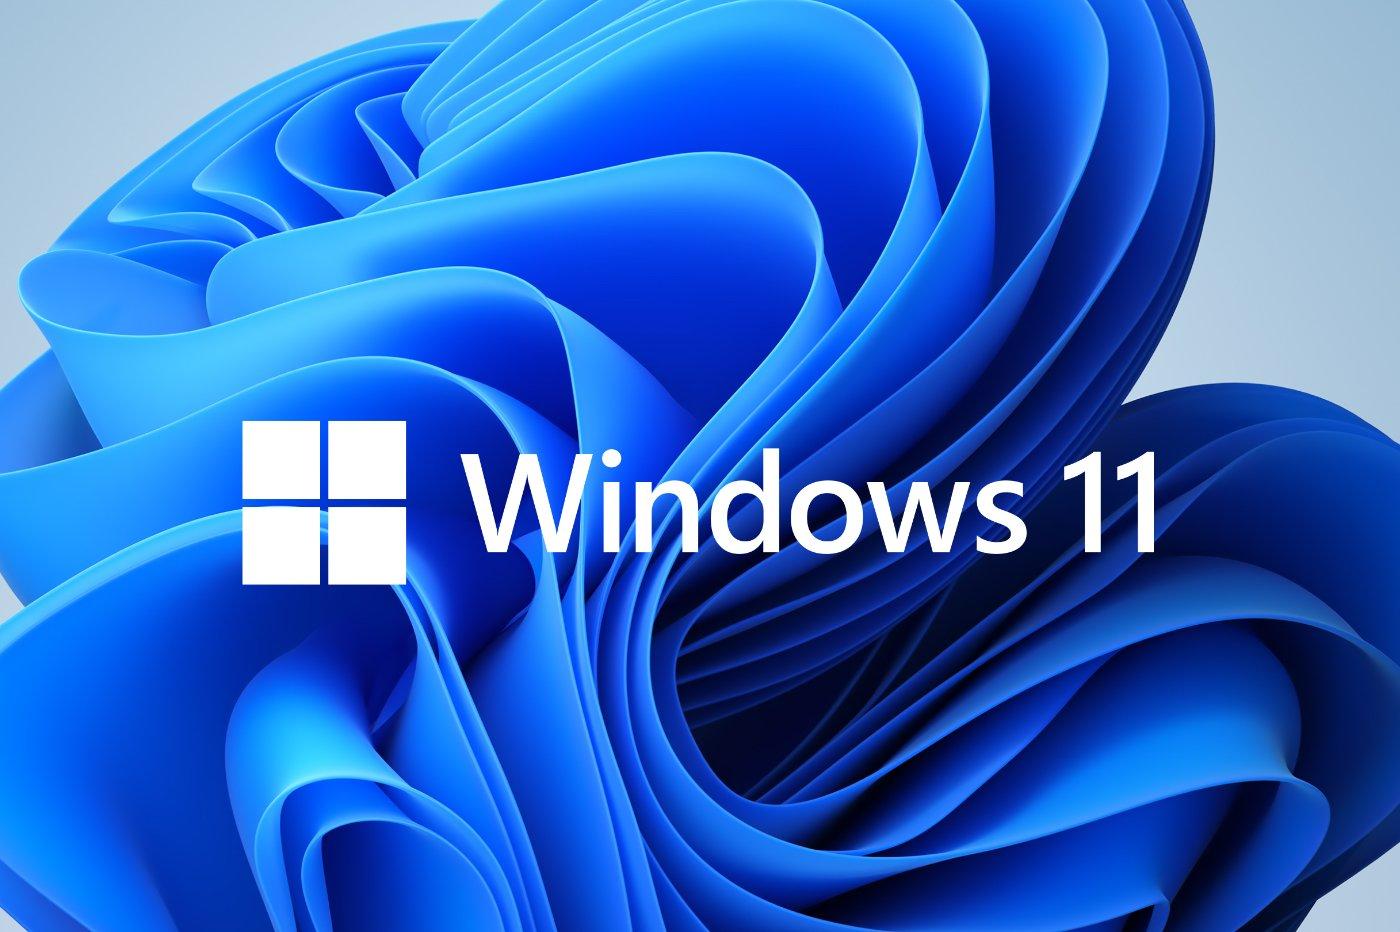 ويندوز 11,تحميل ويندوز 11,ويندوز 10,كيف تغير مكان مسار التحميلات في الويندوز,تغيير الحساب المسؤول في ويندوز 11,كيفية تغيير اسم المستخدم في الكمبيوتر ويندوز 11,تحميل ويندوز 11 windows ios مجانا,تنزيل ويندوز 11,تغيير اسم المسؤول في ويندوز 10,تحميل ويندوز 11 النسخة الكاملة,تغيير المستخدم ويندوز 11,تغيير اسم الكمبيوتر في ويندوز 10,تحميل ويندوز 11 iso,تحميل ويندوز 11 برو,تحميل ويندوز 11 64 بت,تحميل ويندوز 11 32 بت,تحميل ويندوز 11 عربي